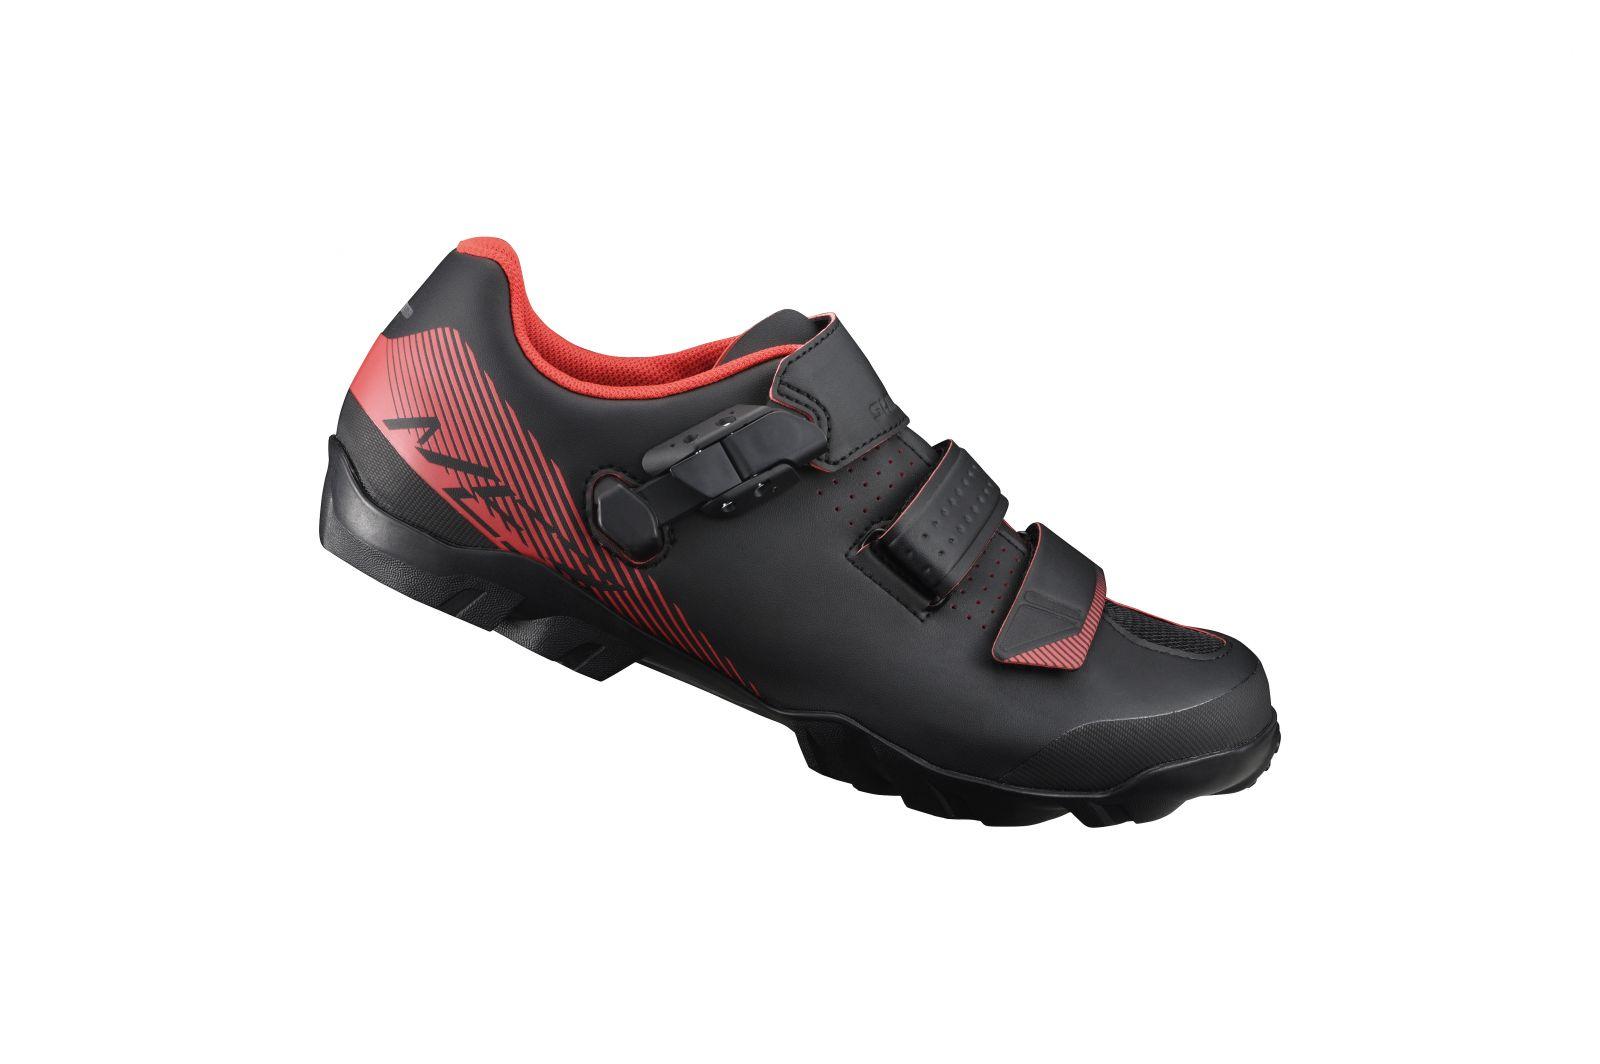 SHIMANO MTB obuv SH-ME300MO, černá oranžová, 41